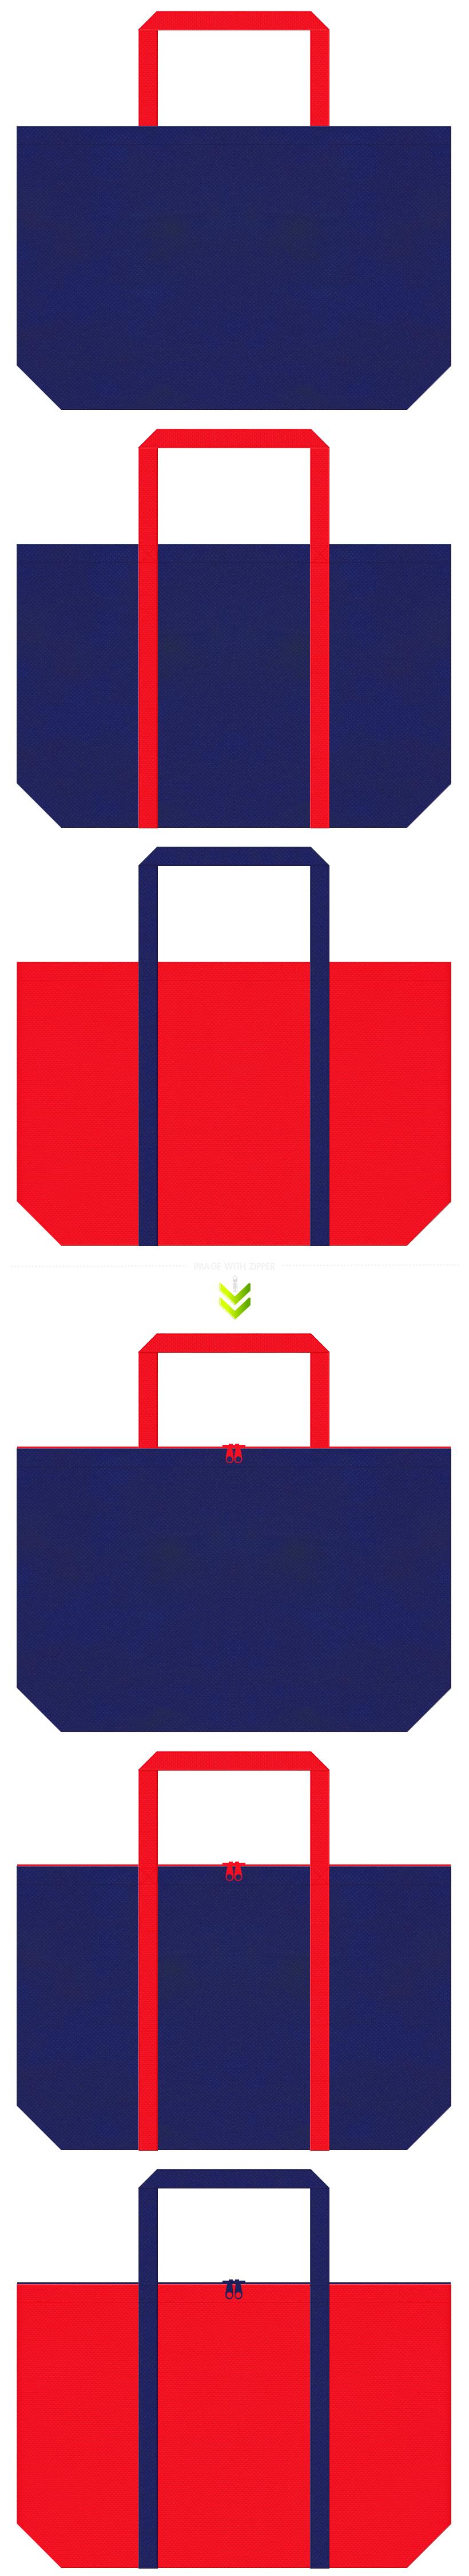 明るい紺色と赤色の不織布エコバッグのデザイン。花火大会・金魚すくい・縁日屋台等の夏祭りのイメージにお奨めの配色です。